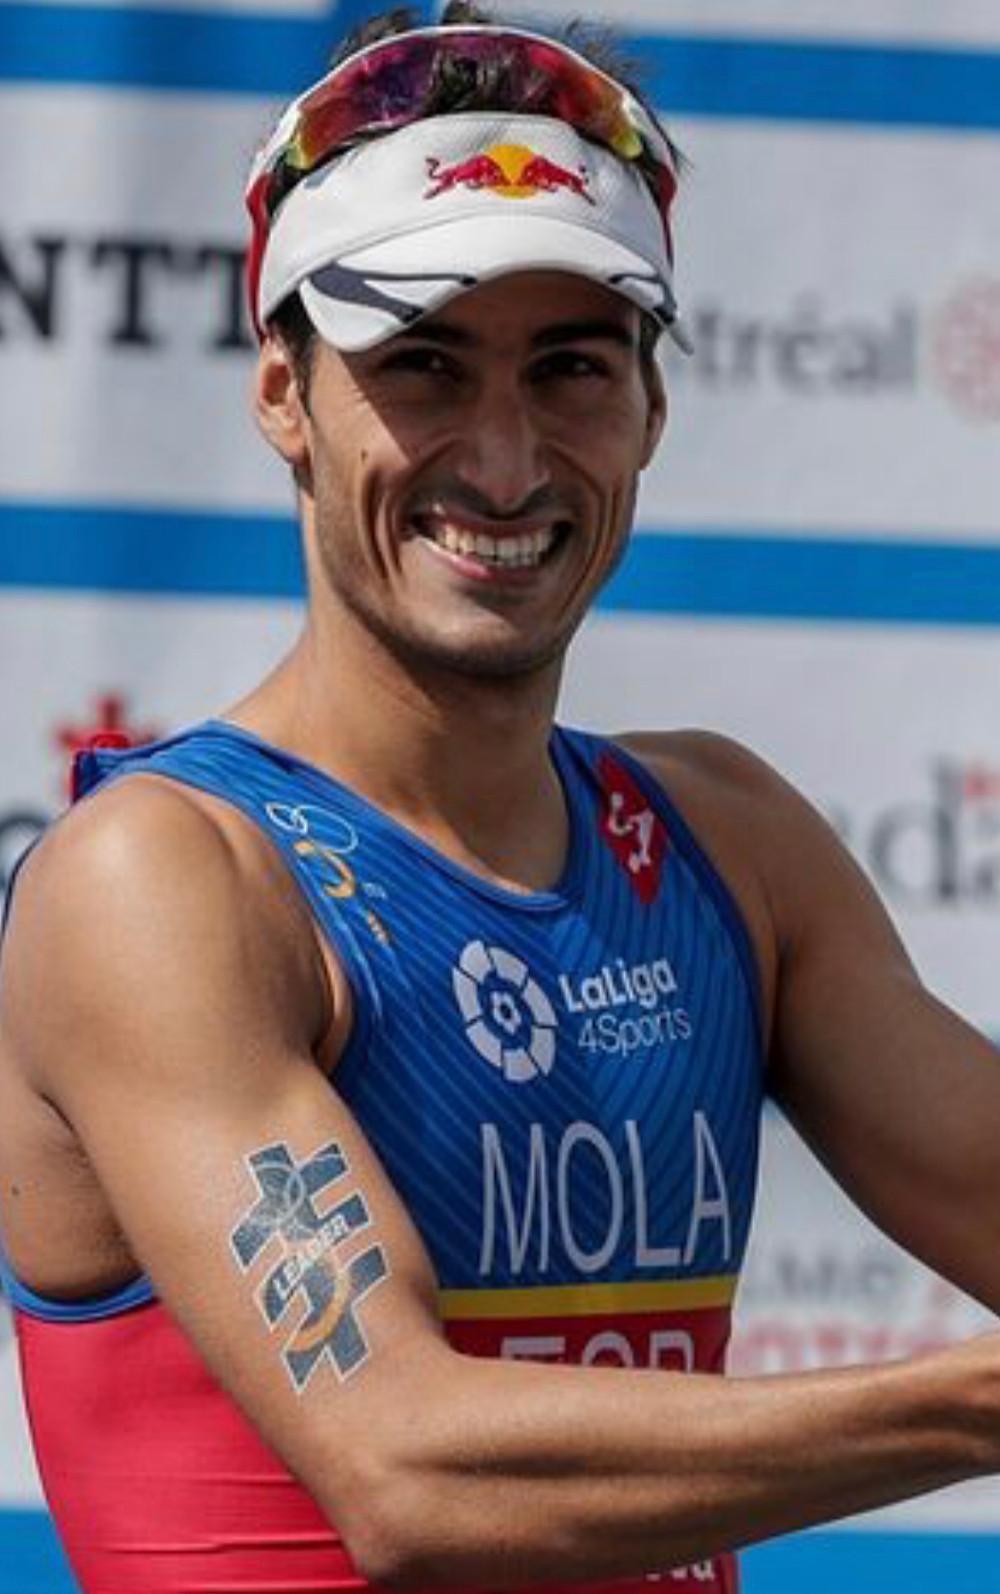 Enhorabuena Mario Mola. campeón del Mundo de Triatlón 2018, un ejemplo de deportista y estudiante.